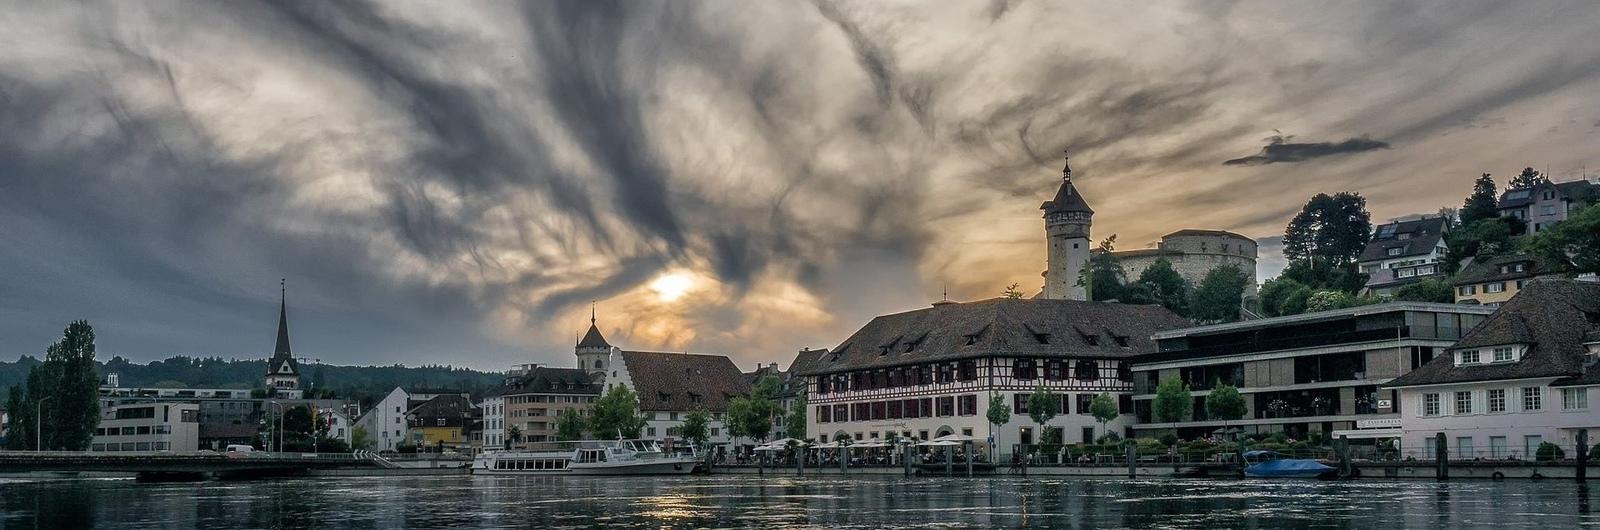 schaffhausen city header